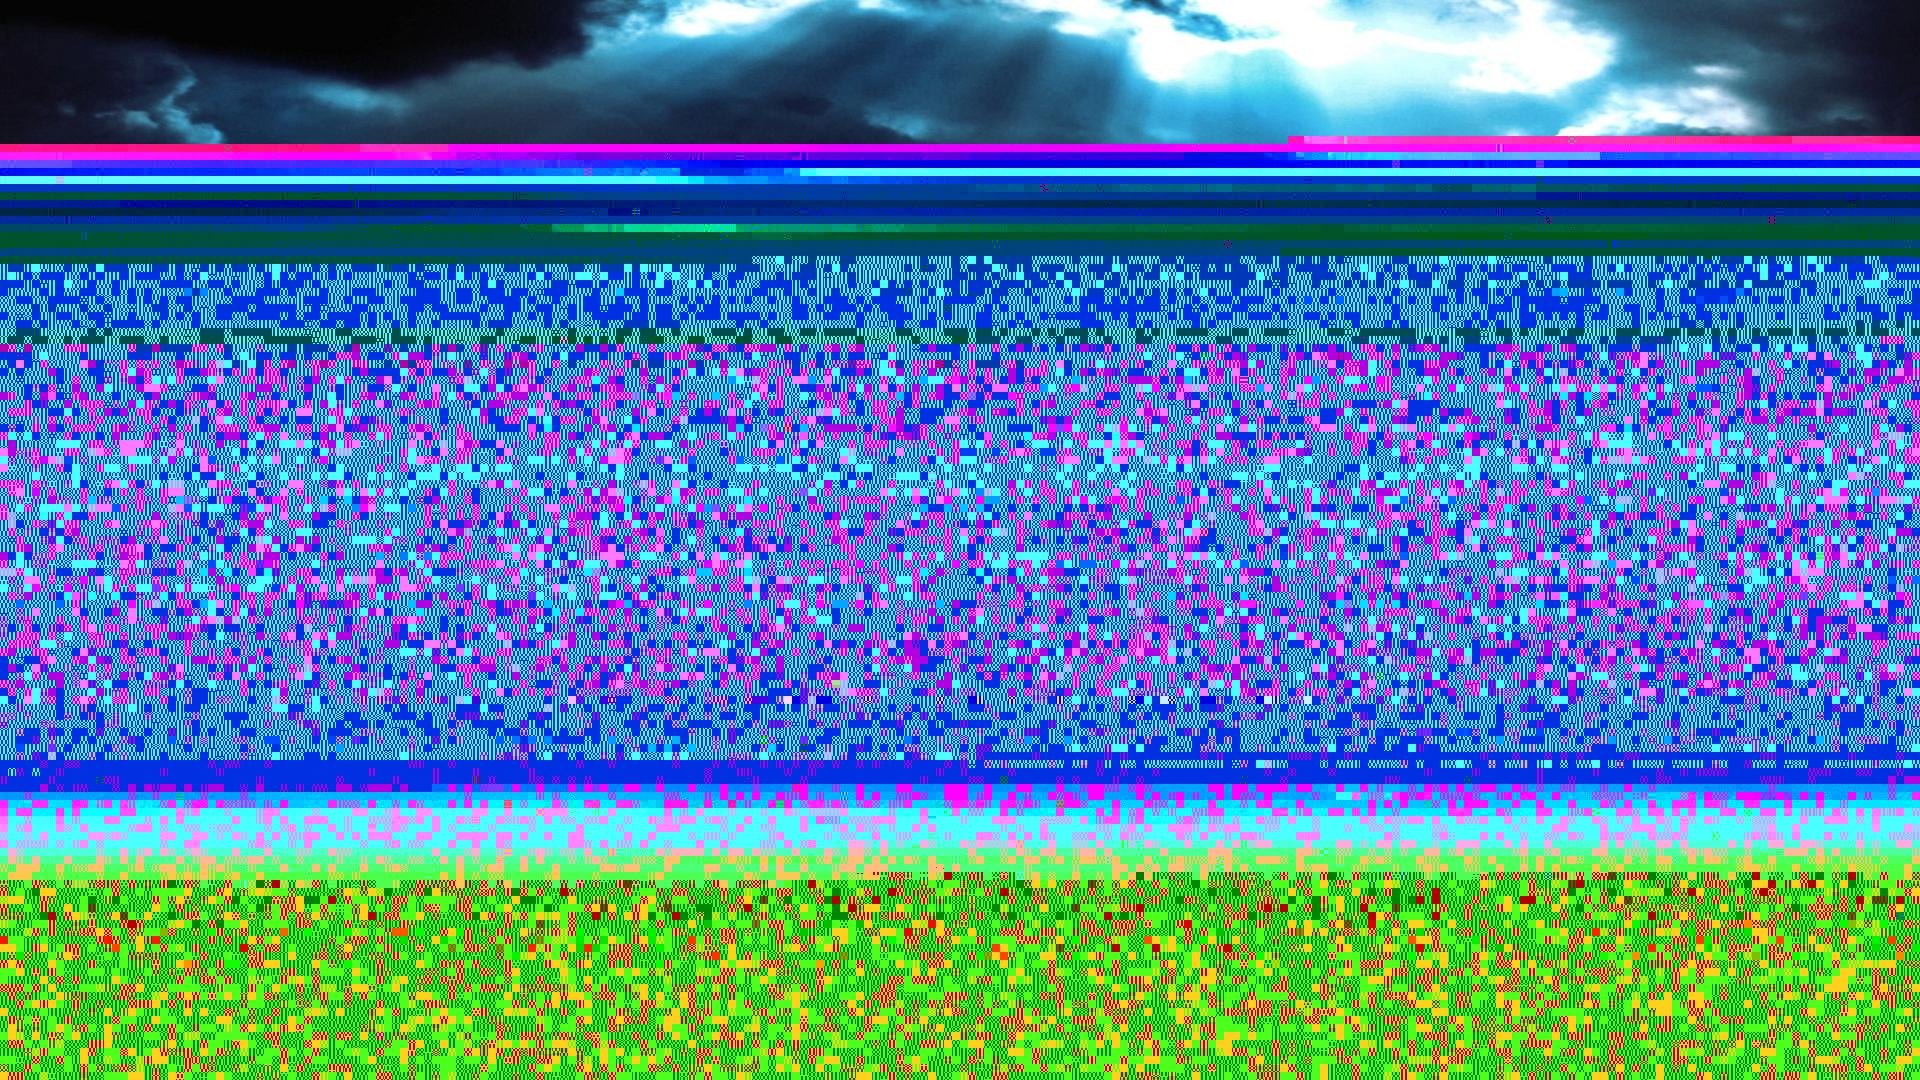 Windows Xp 4k Hd Desktop Wallpaper For 4k Ultra Hd Electric Blue 1903553 Hd Wallpaper Backgrounds Download